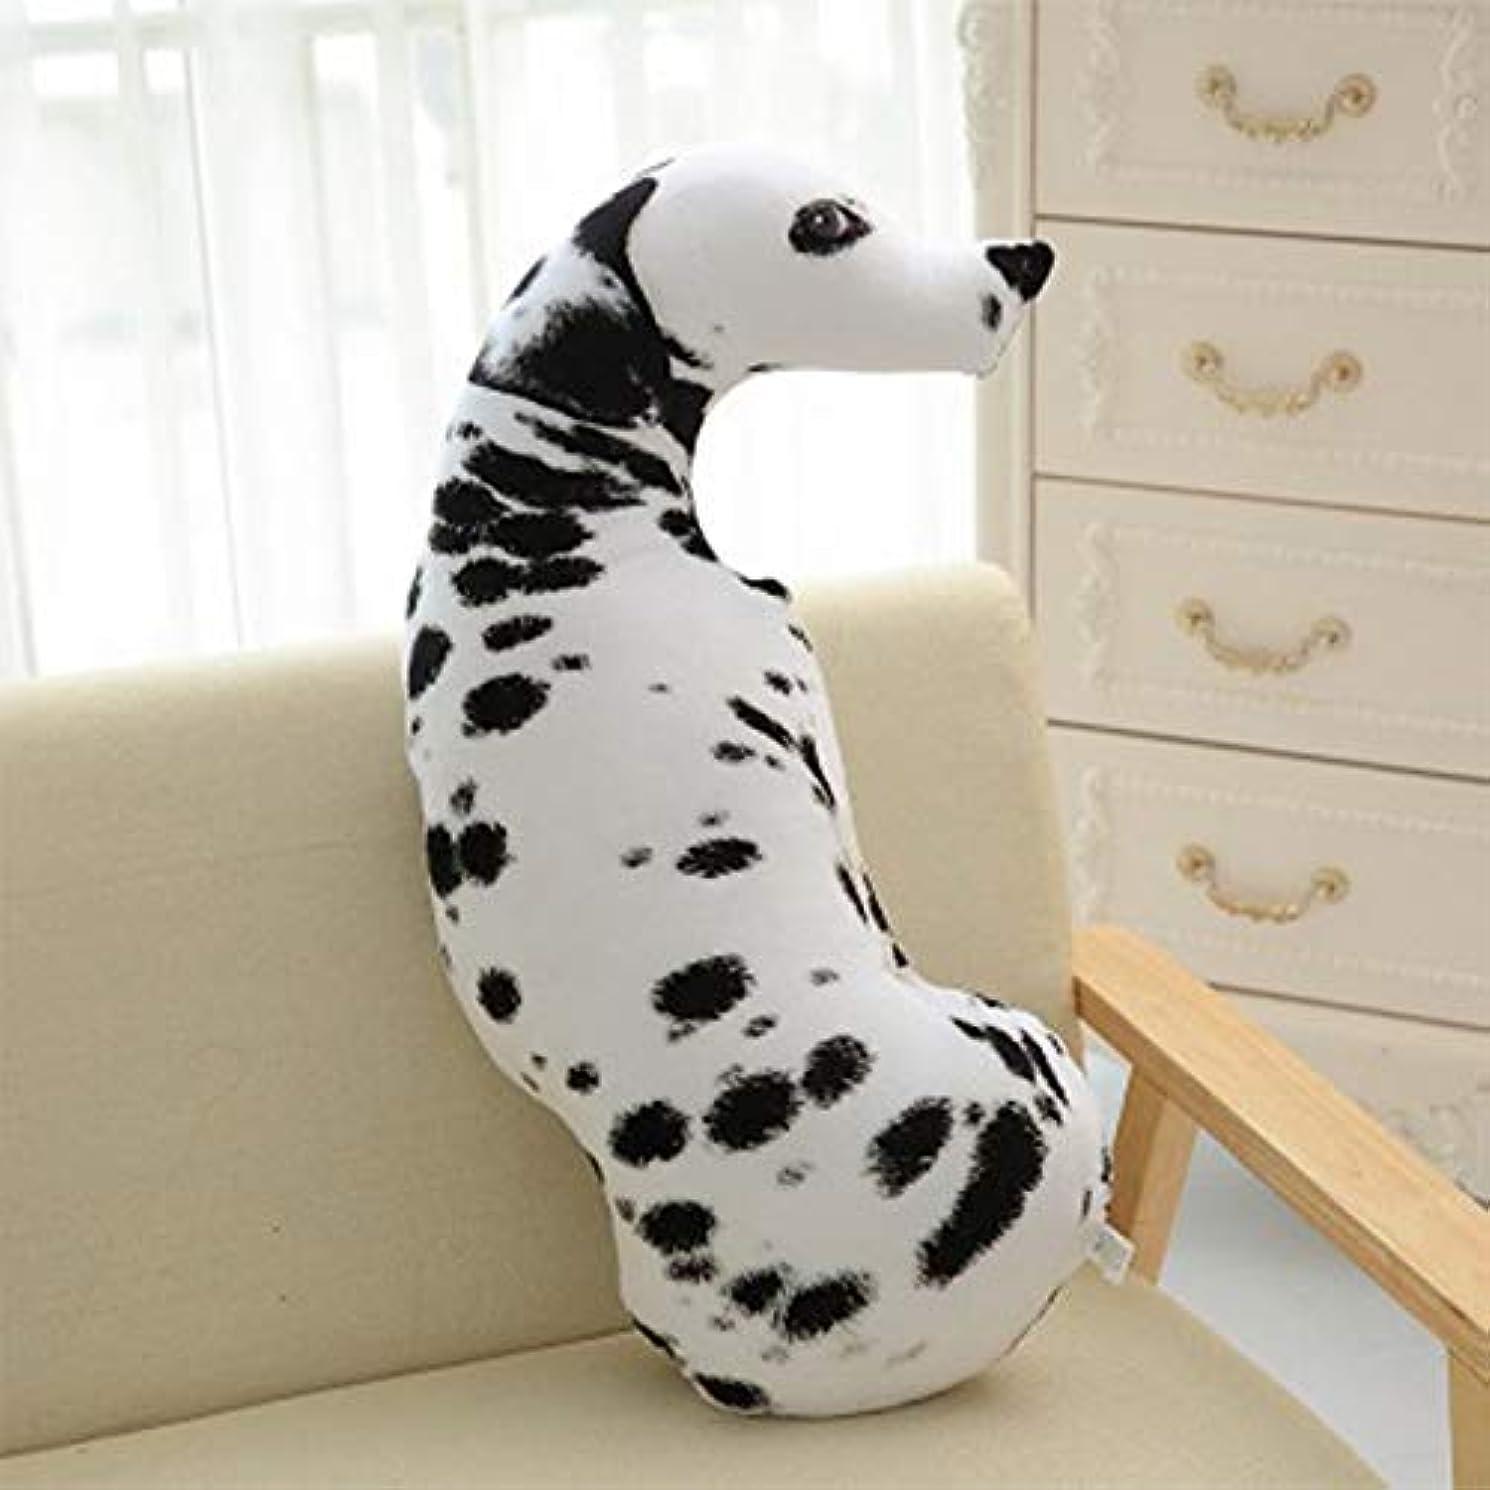 怒るシャンプー検査官LIFE 3D プリントシミュレーション犬ぬいぐるみクッションぬいぐるみ犬ぬいぐるみ枕ぬいぐるみの漫画クッションキッズ人形ベストギフト クッション 椅子